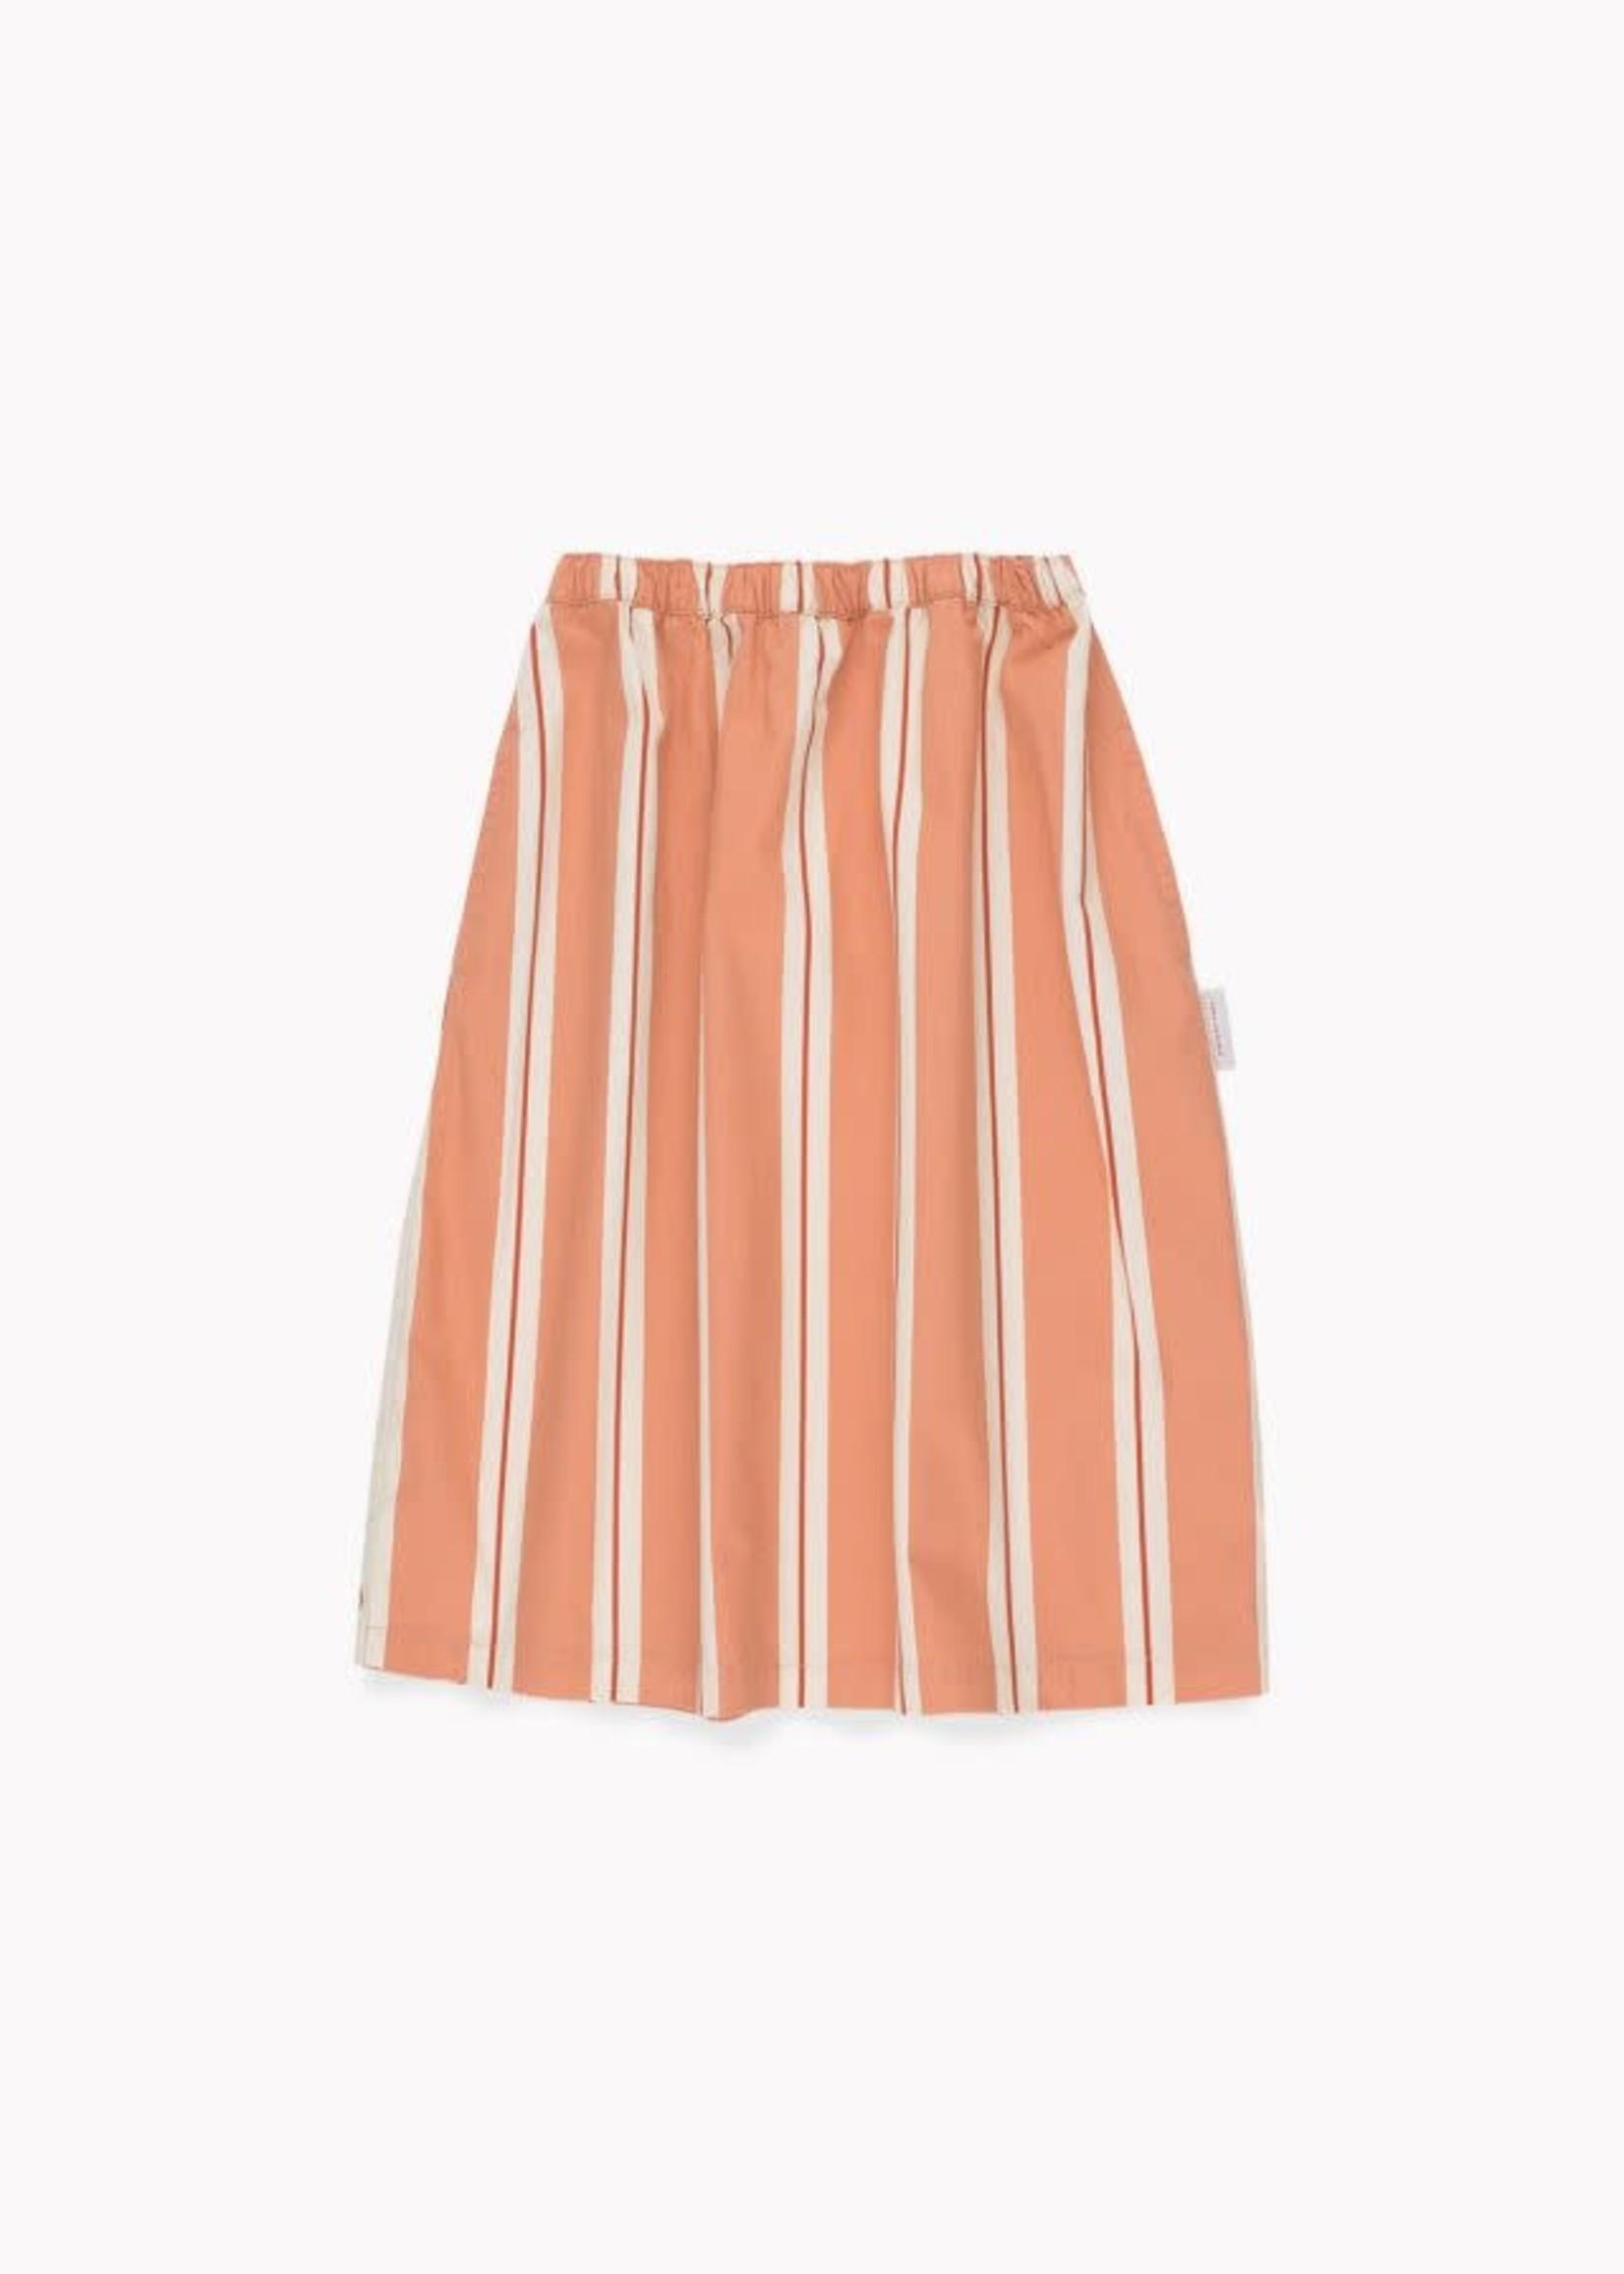 Tiny cottons Tiny Cottons Stripes Skirt